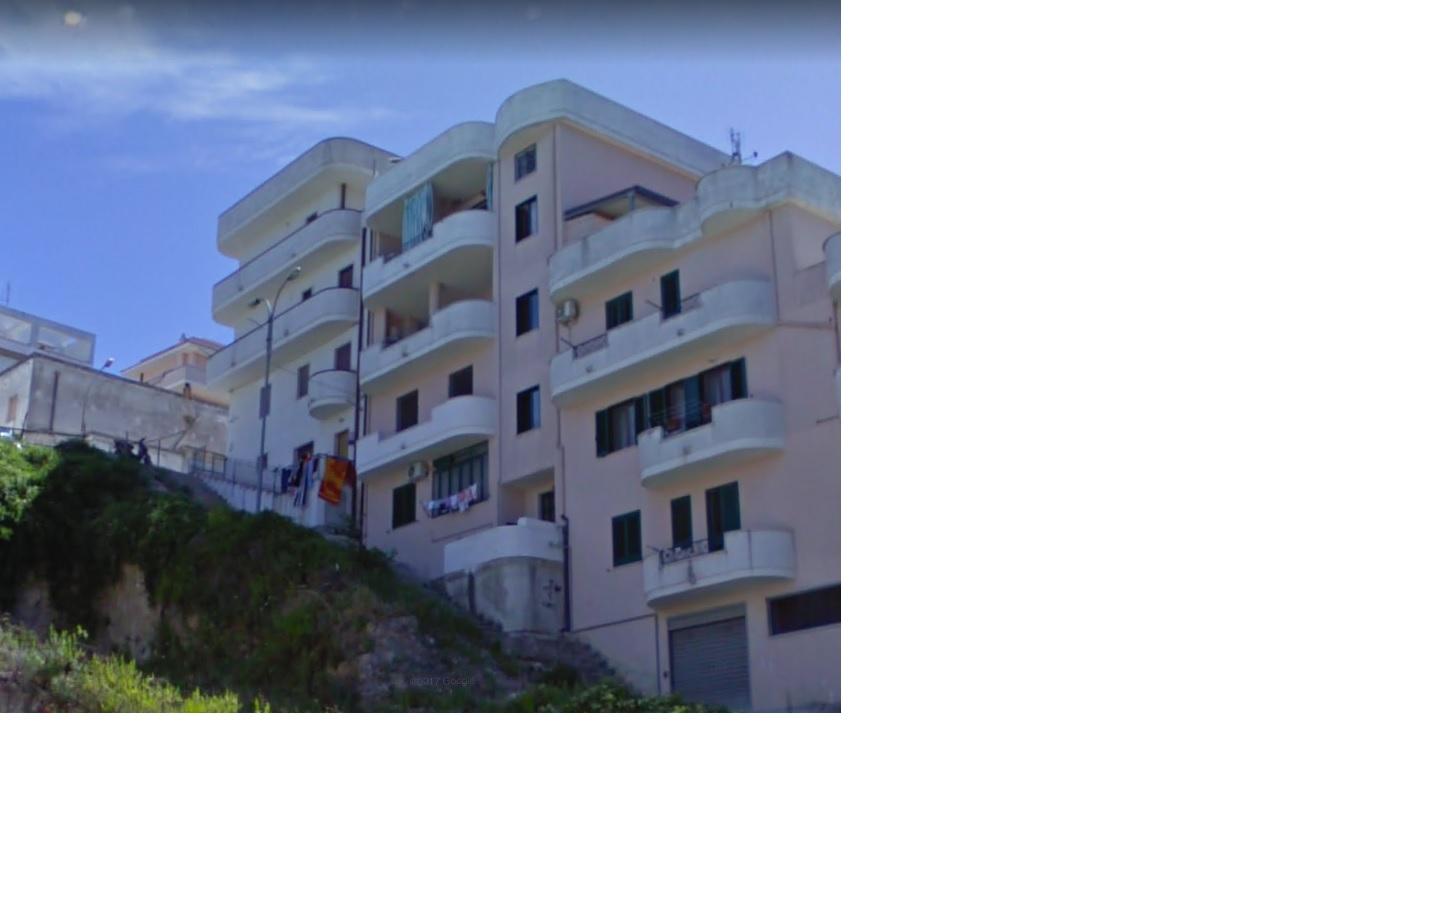 Appartamento in vendita a Ischitella, 3 locali, zona Località: Valloncello, prezzo € 150.000 | PortaleAgenzieImmobiliari.it